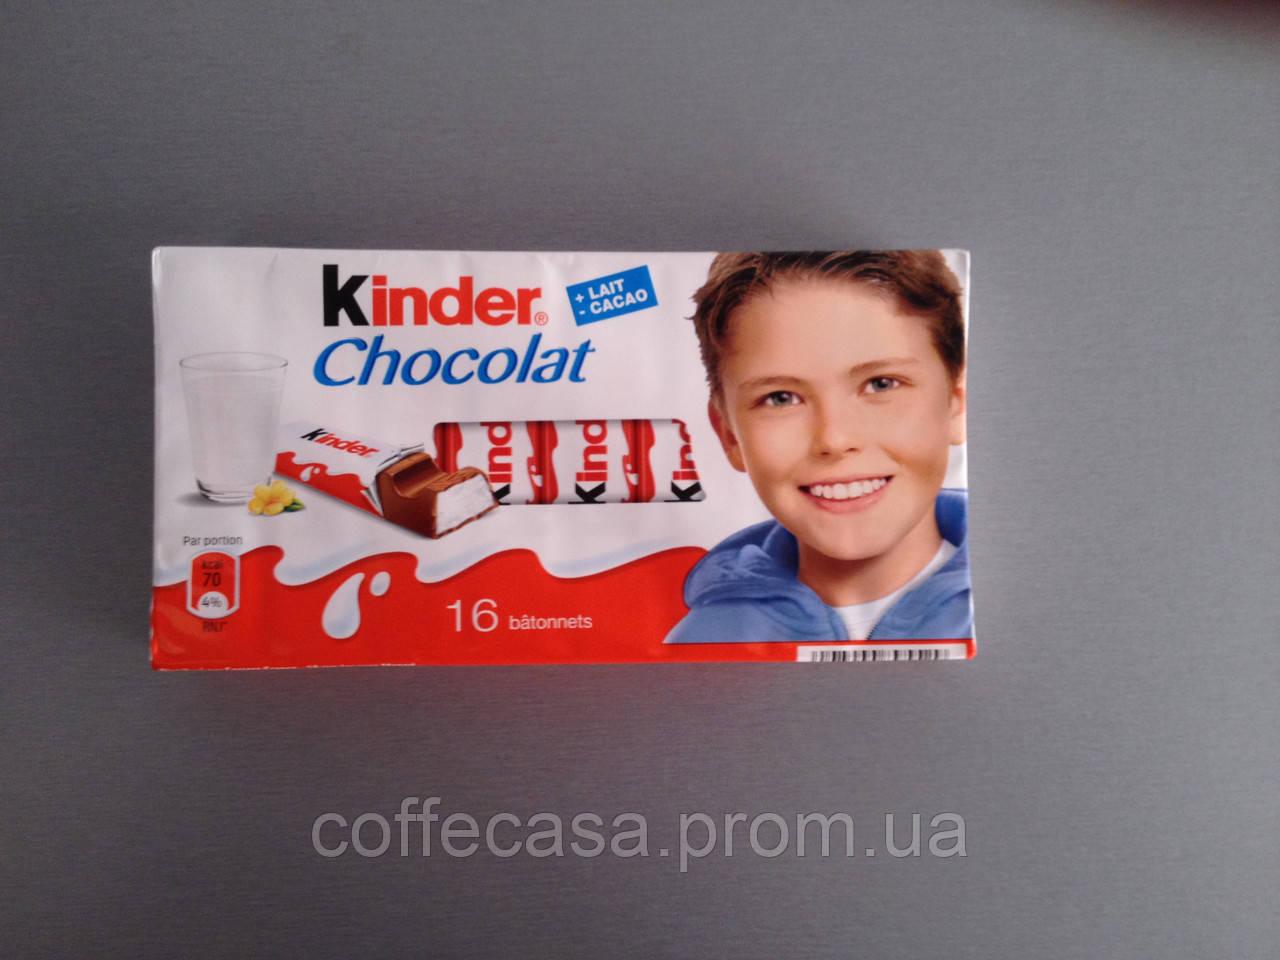 Шоколадные батончики Kinder Chocolat (16 шт)( 200 г) (Германия)